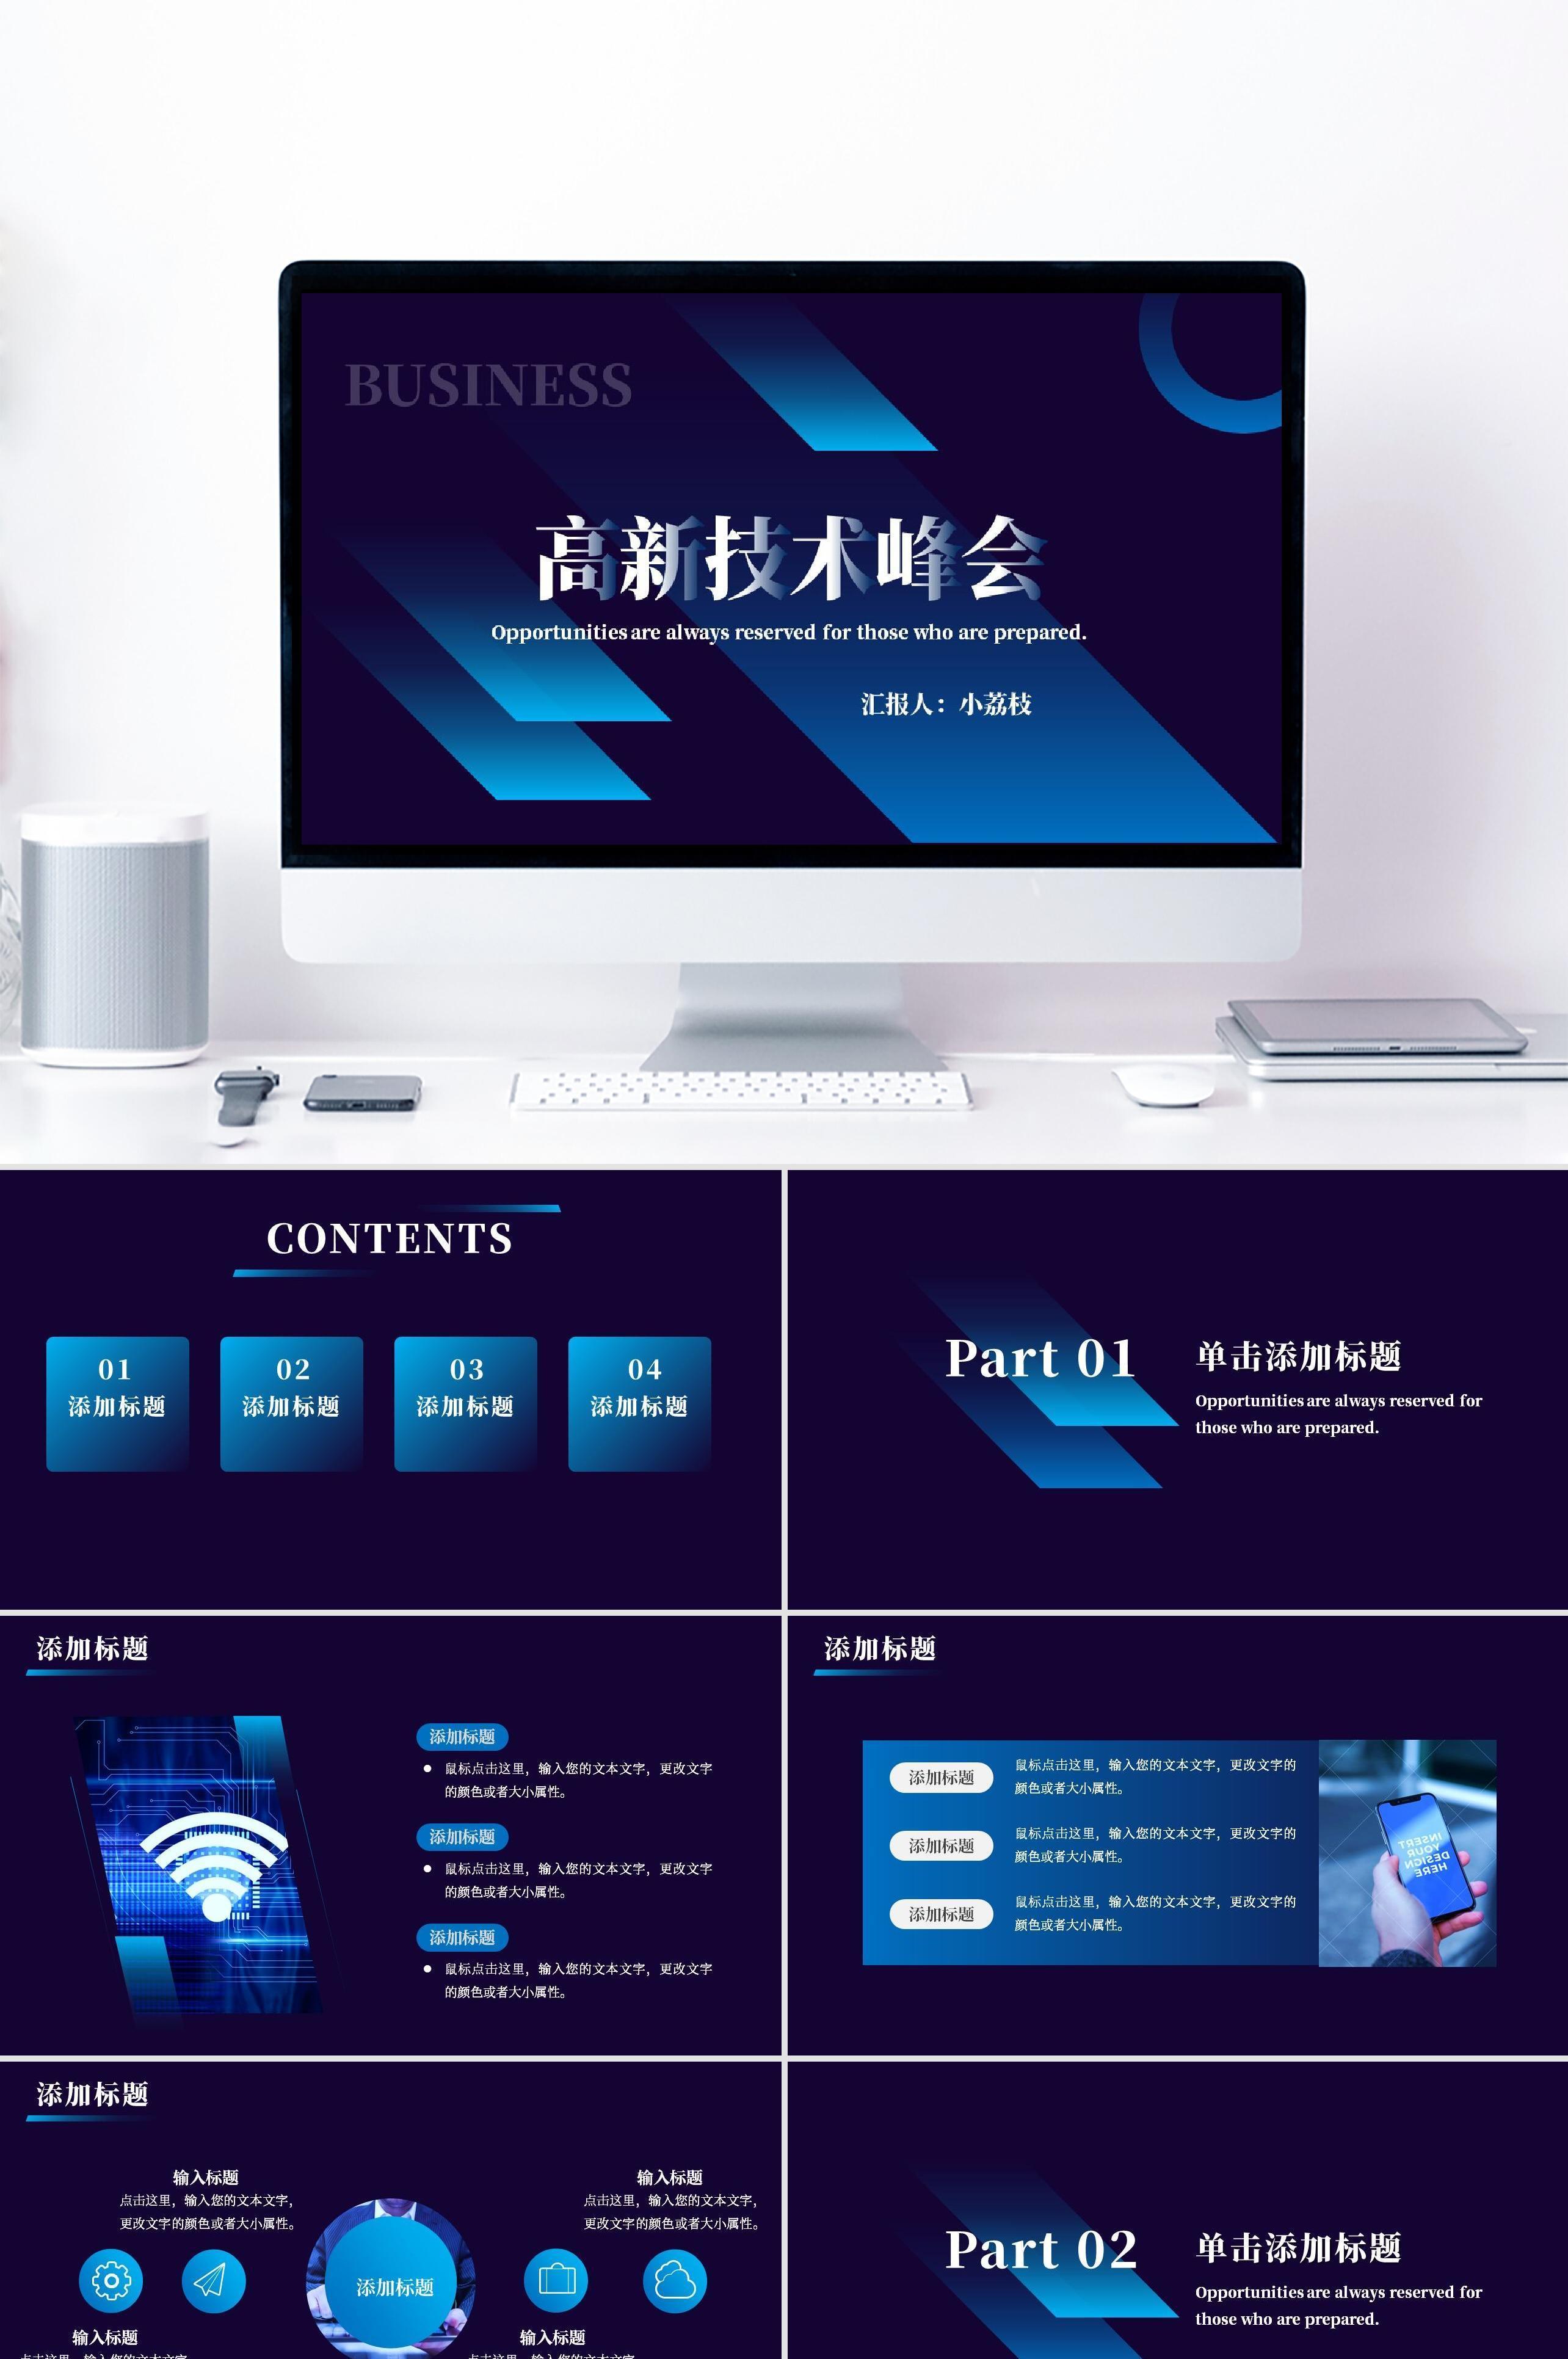 蓝色科技风高新技术峰会PPT模板